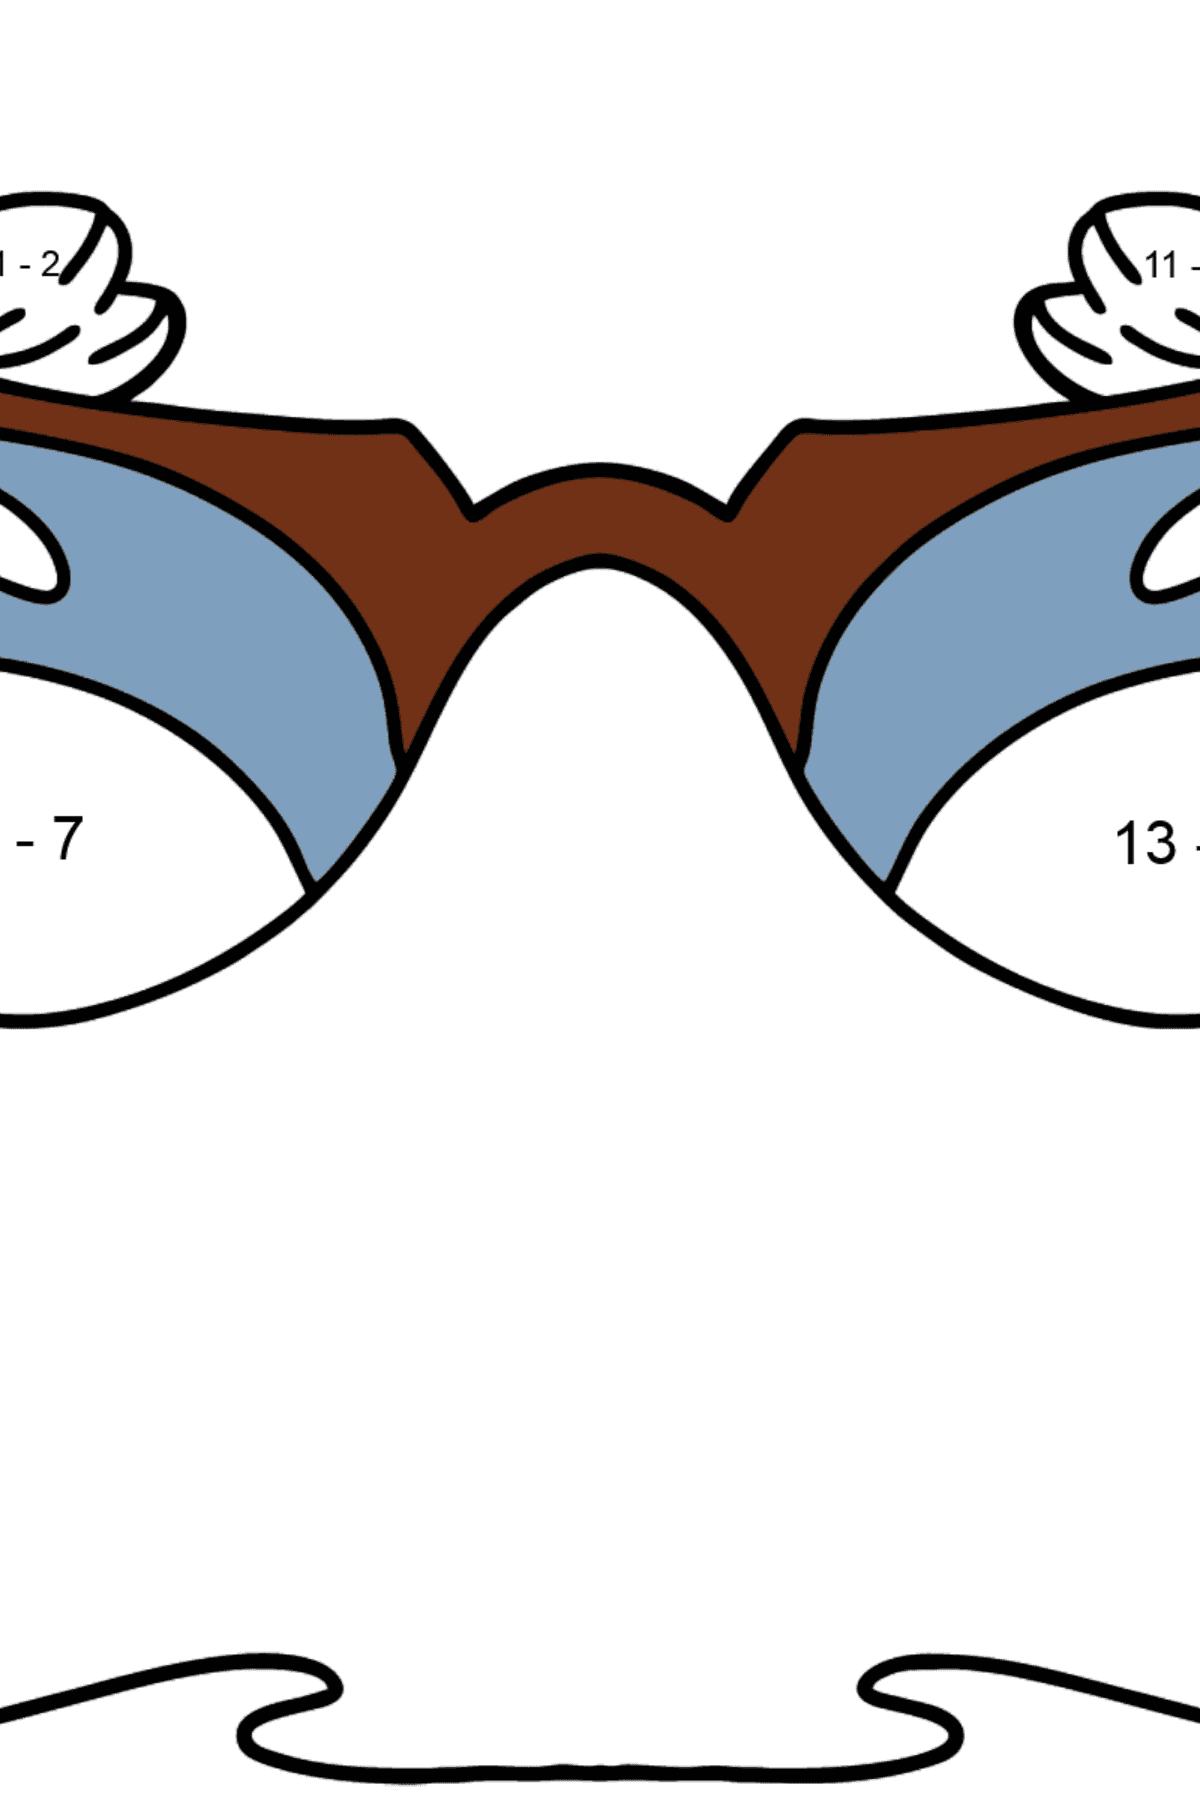 Очки раскраска - Математическая Раскраска - Вычитание для Детей